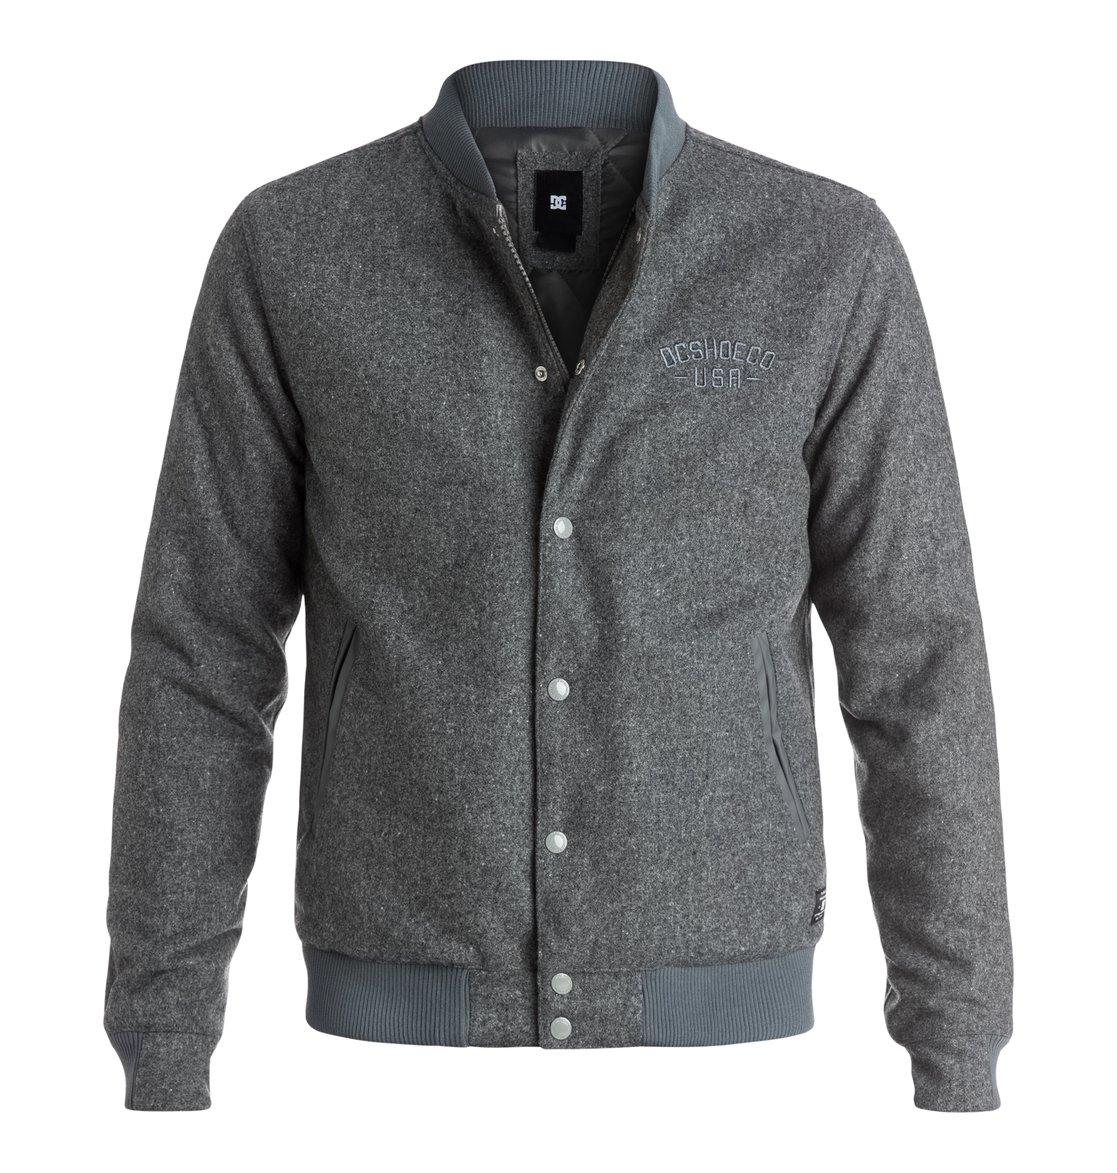 Куртка мужская Penshaw в университетском стиле